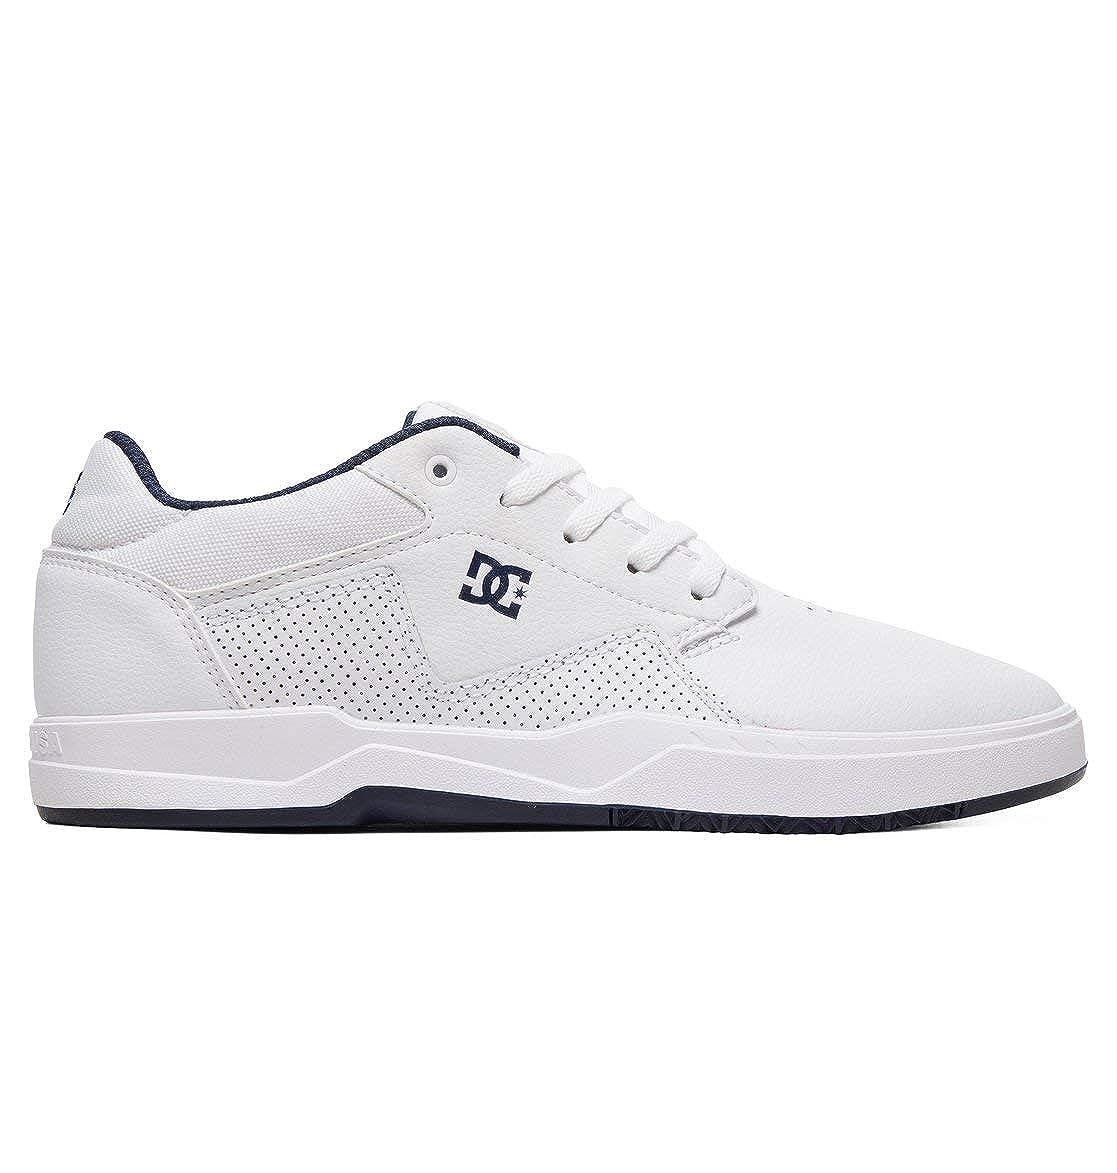 Zapatillas de Skateboard para Hombre DC Shoes Barksdale